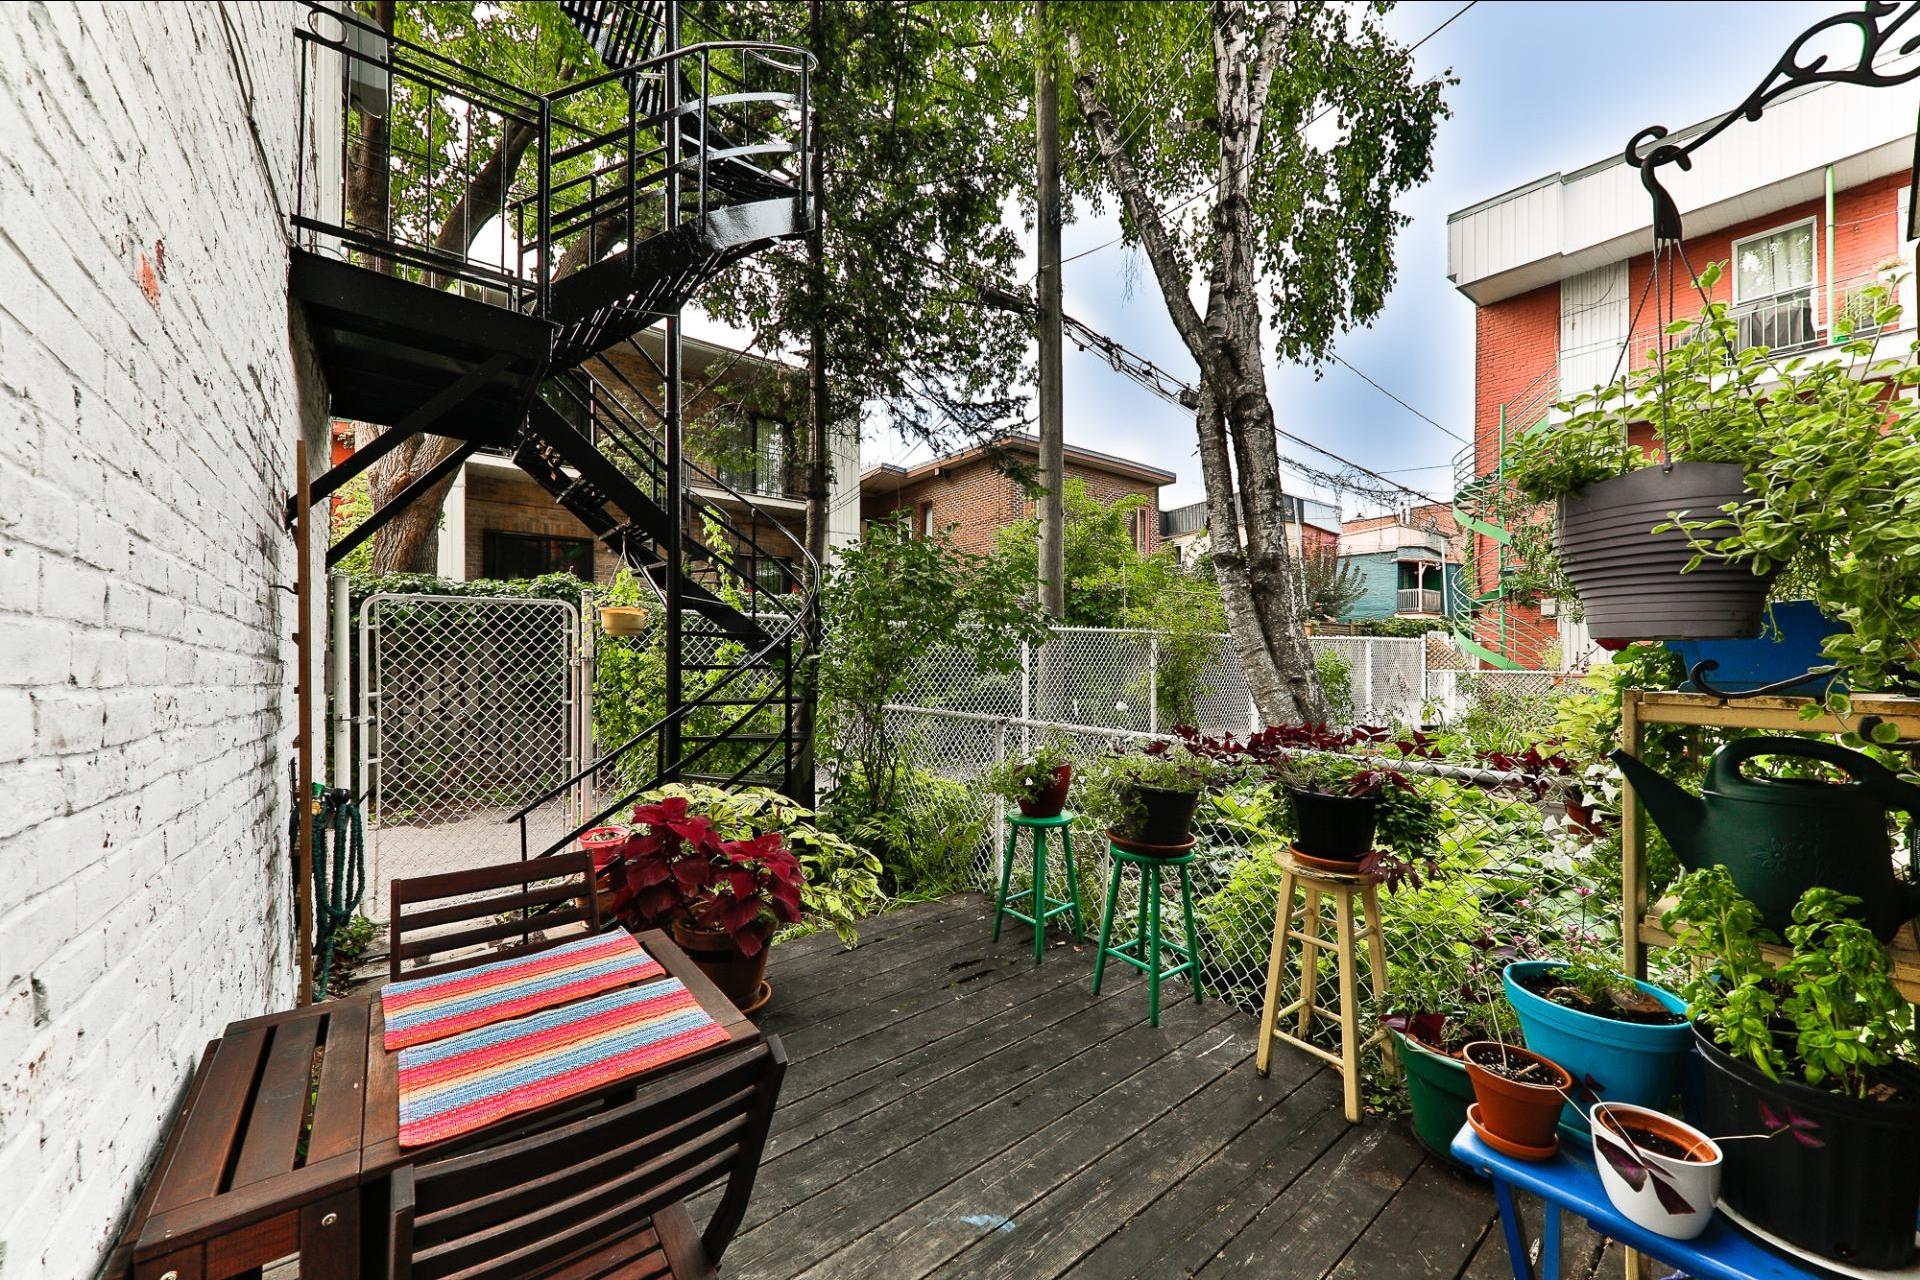 image 21 - Appartement À vendre Le Plateau-Mont-Royal Montréal  - 7 pièces